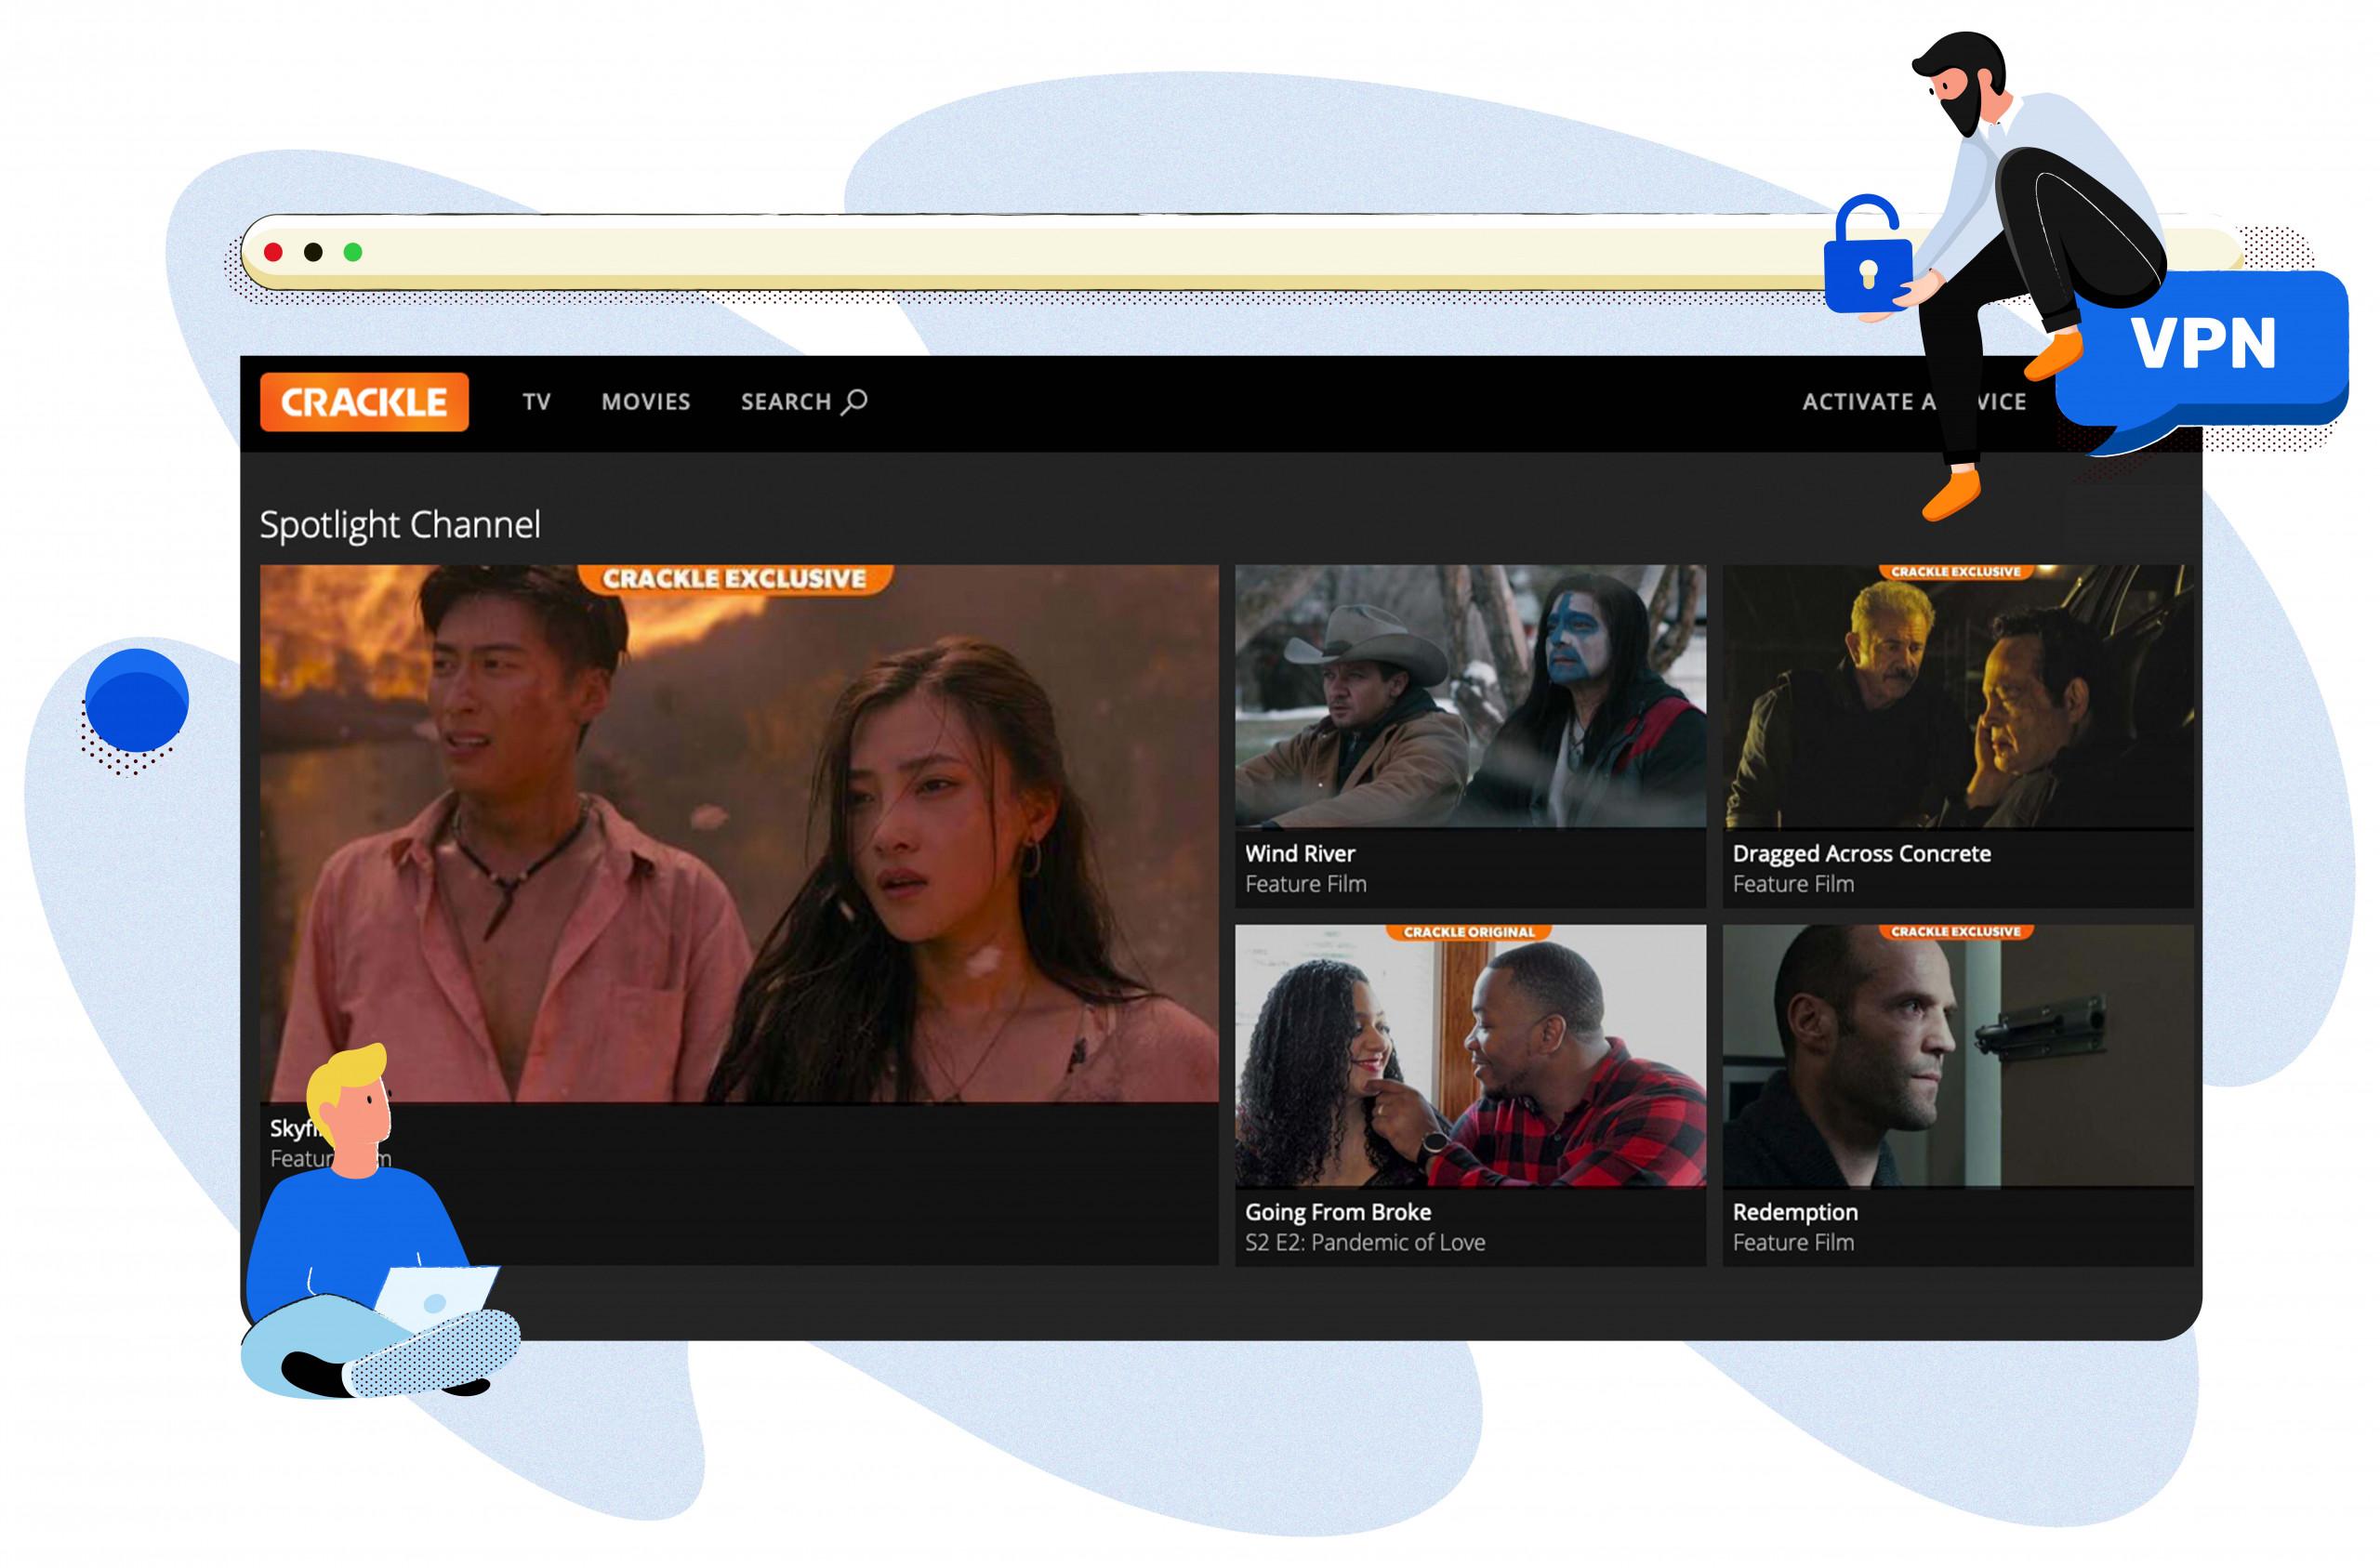 Crackle streaming platform